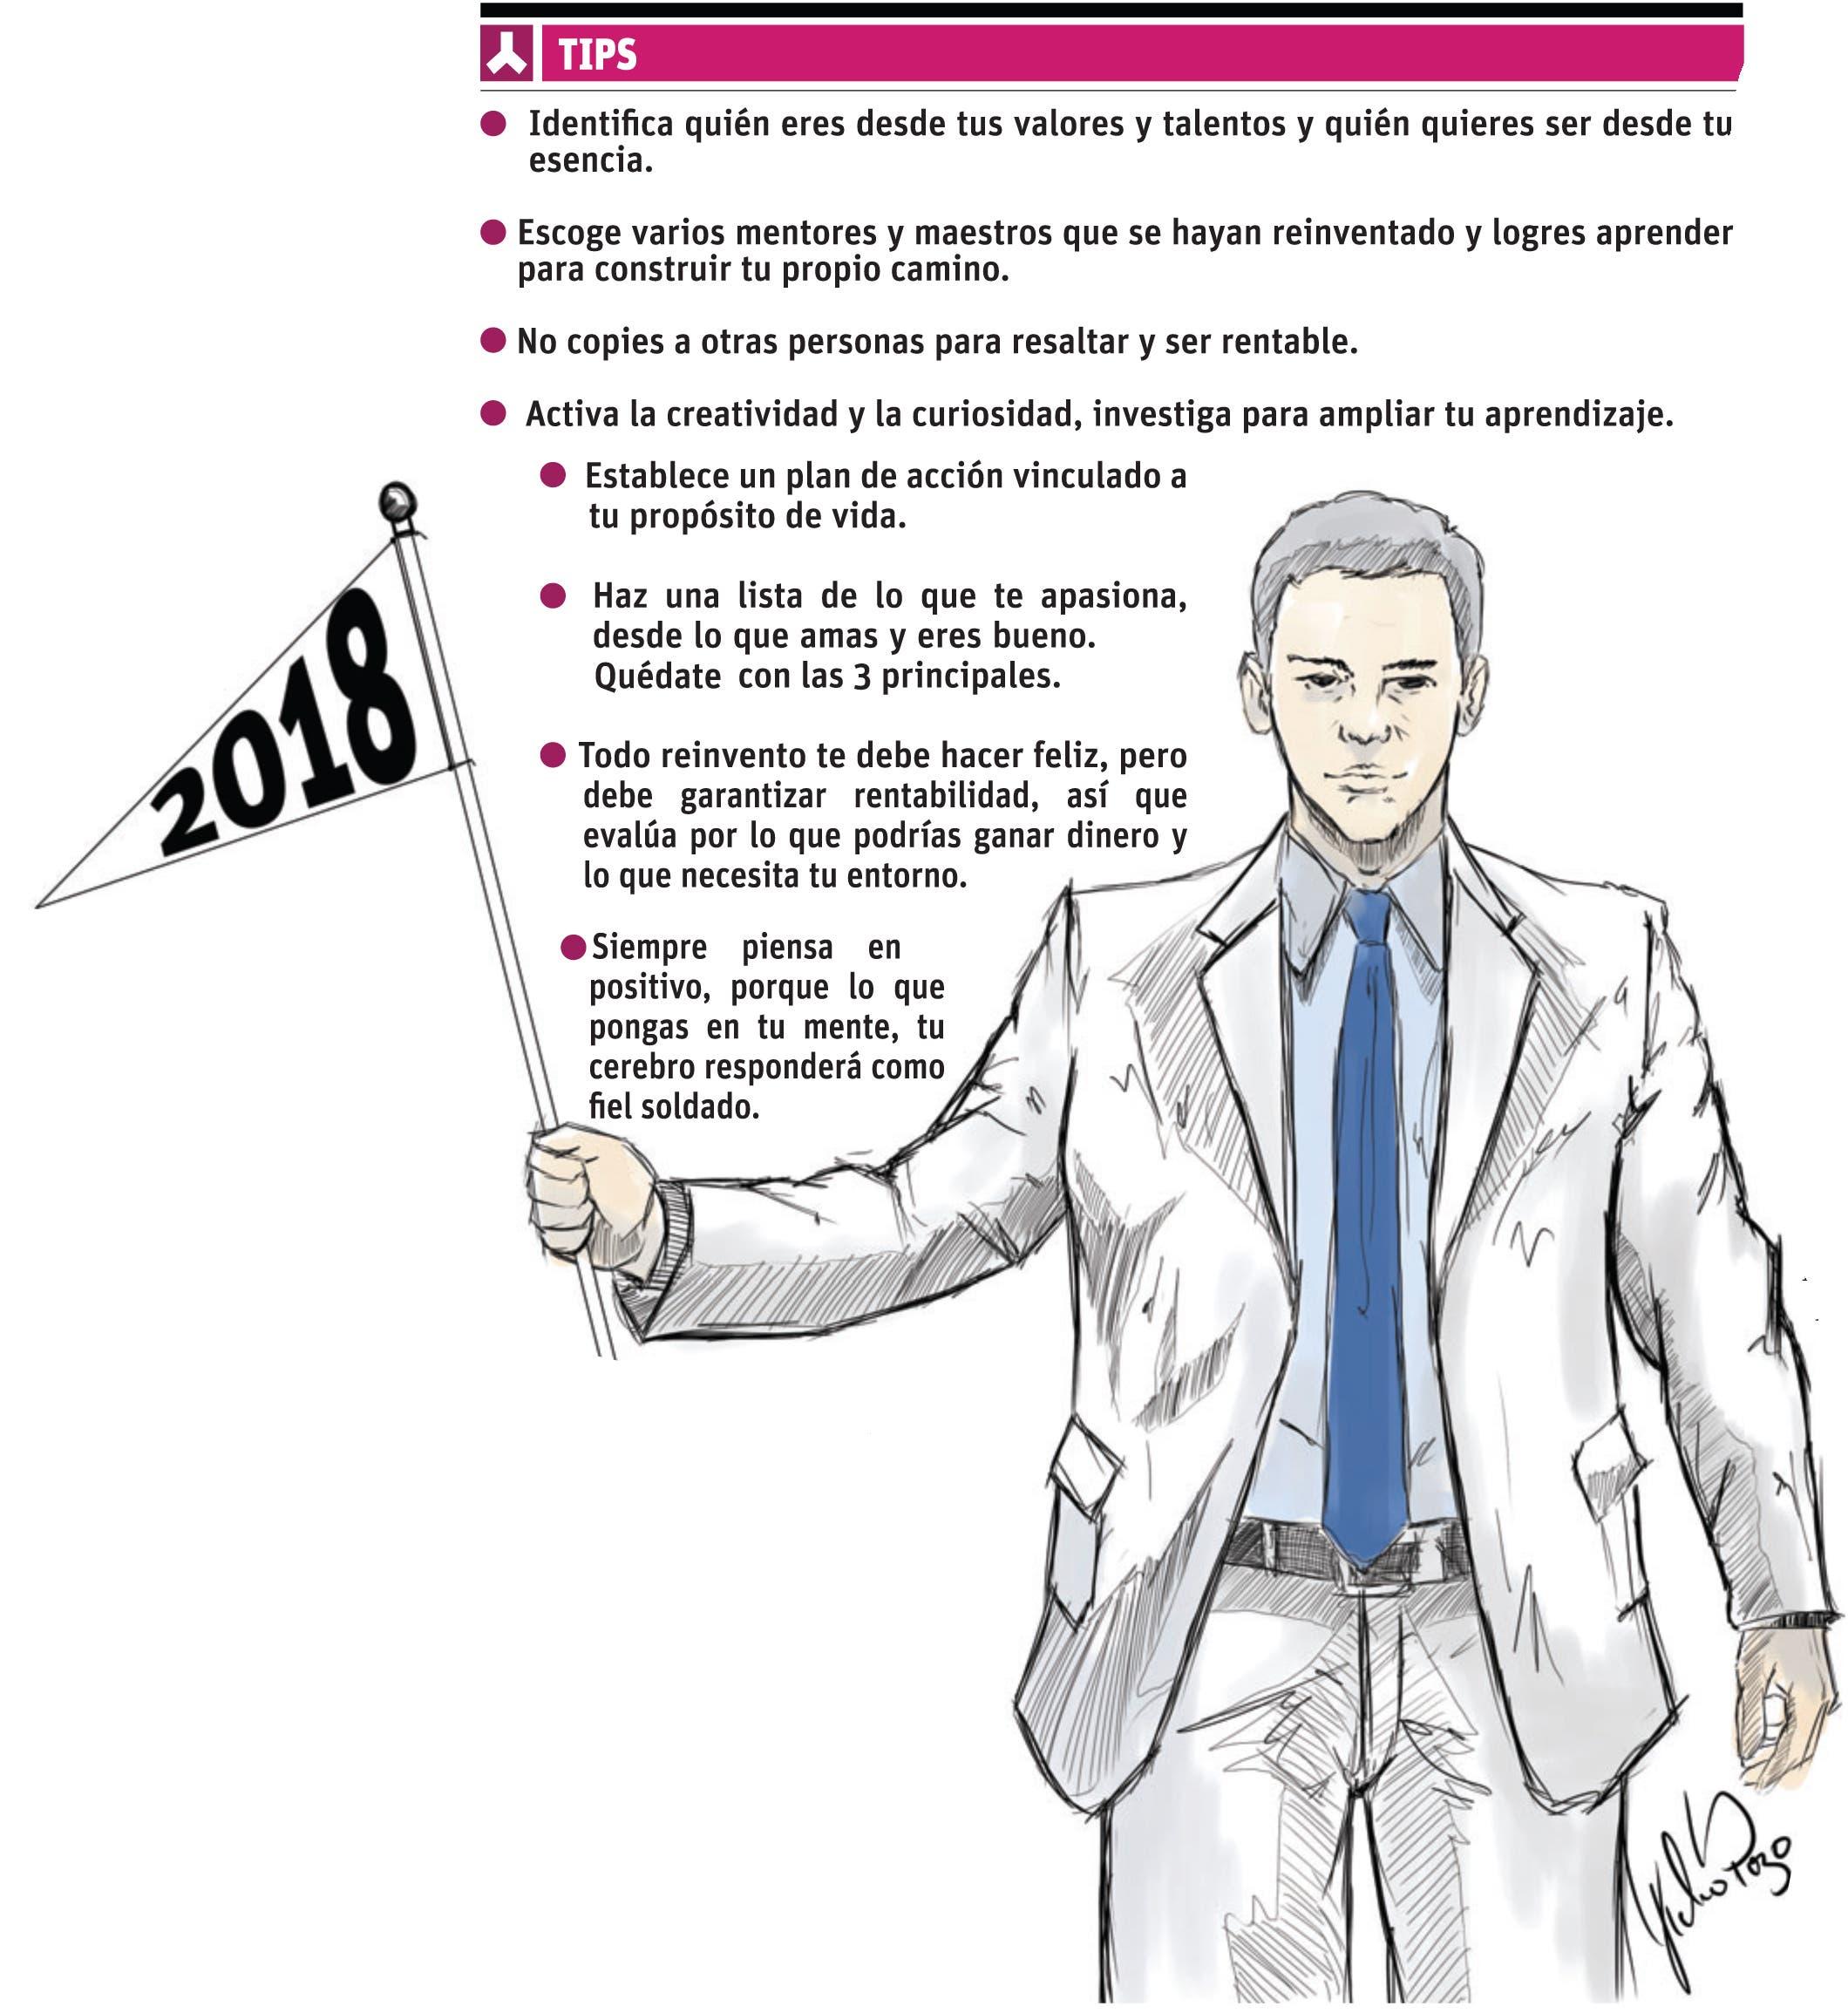 28/12/2017 ELDIA_JUEVES_281217_ Vida & Estilos28